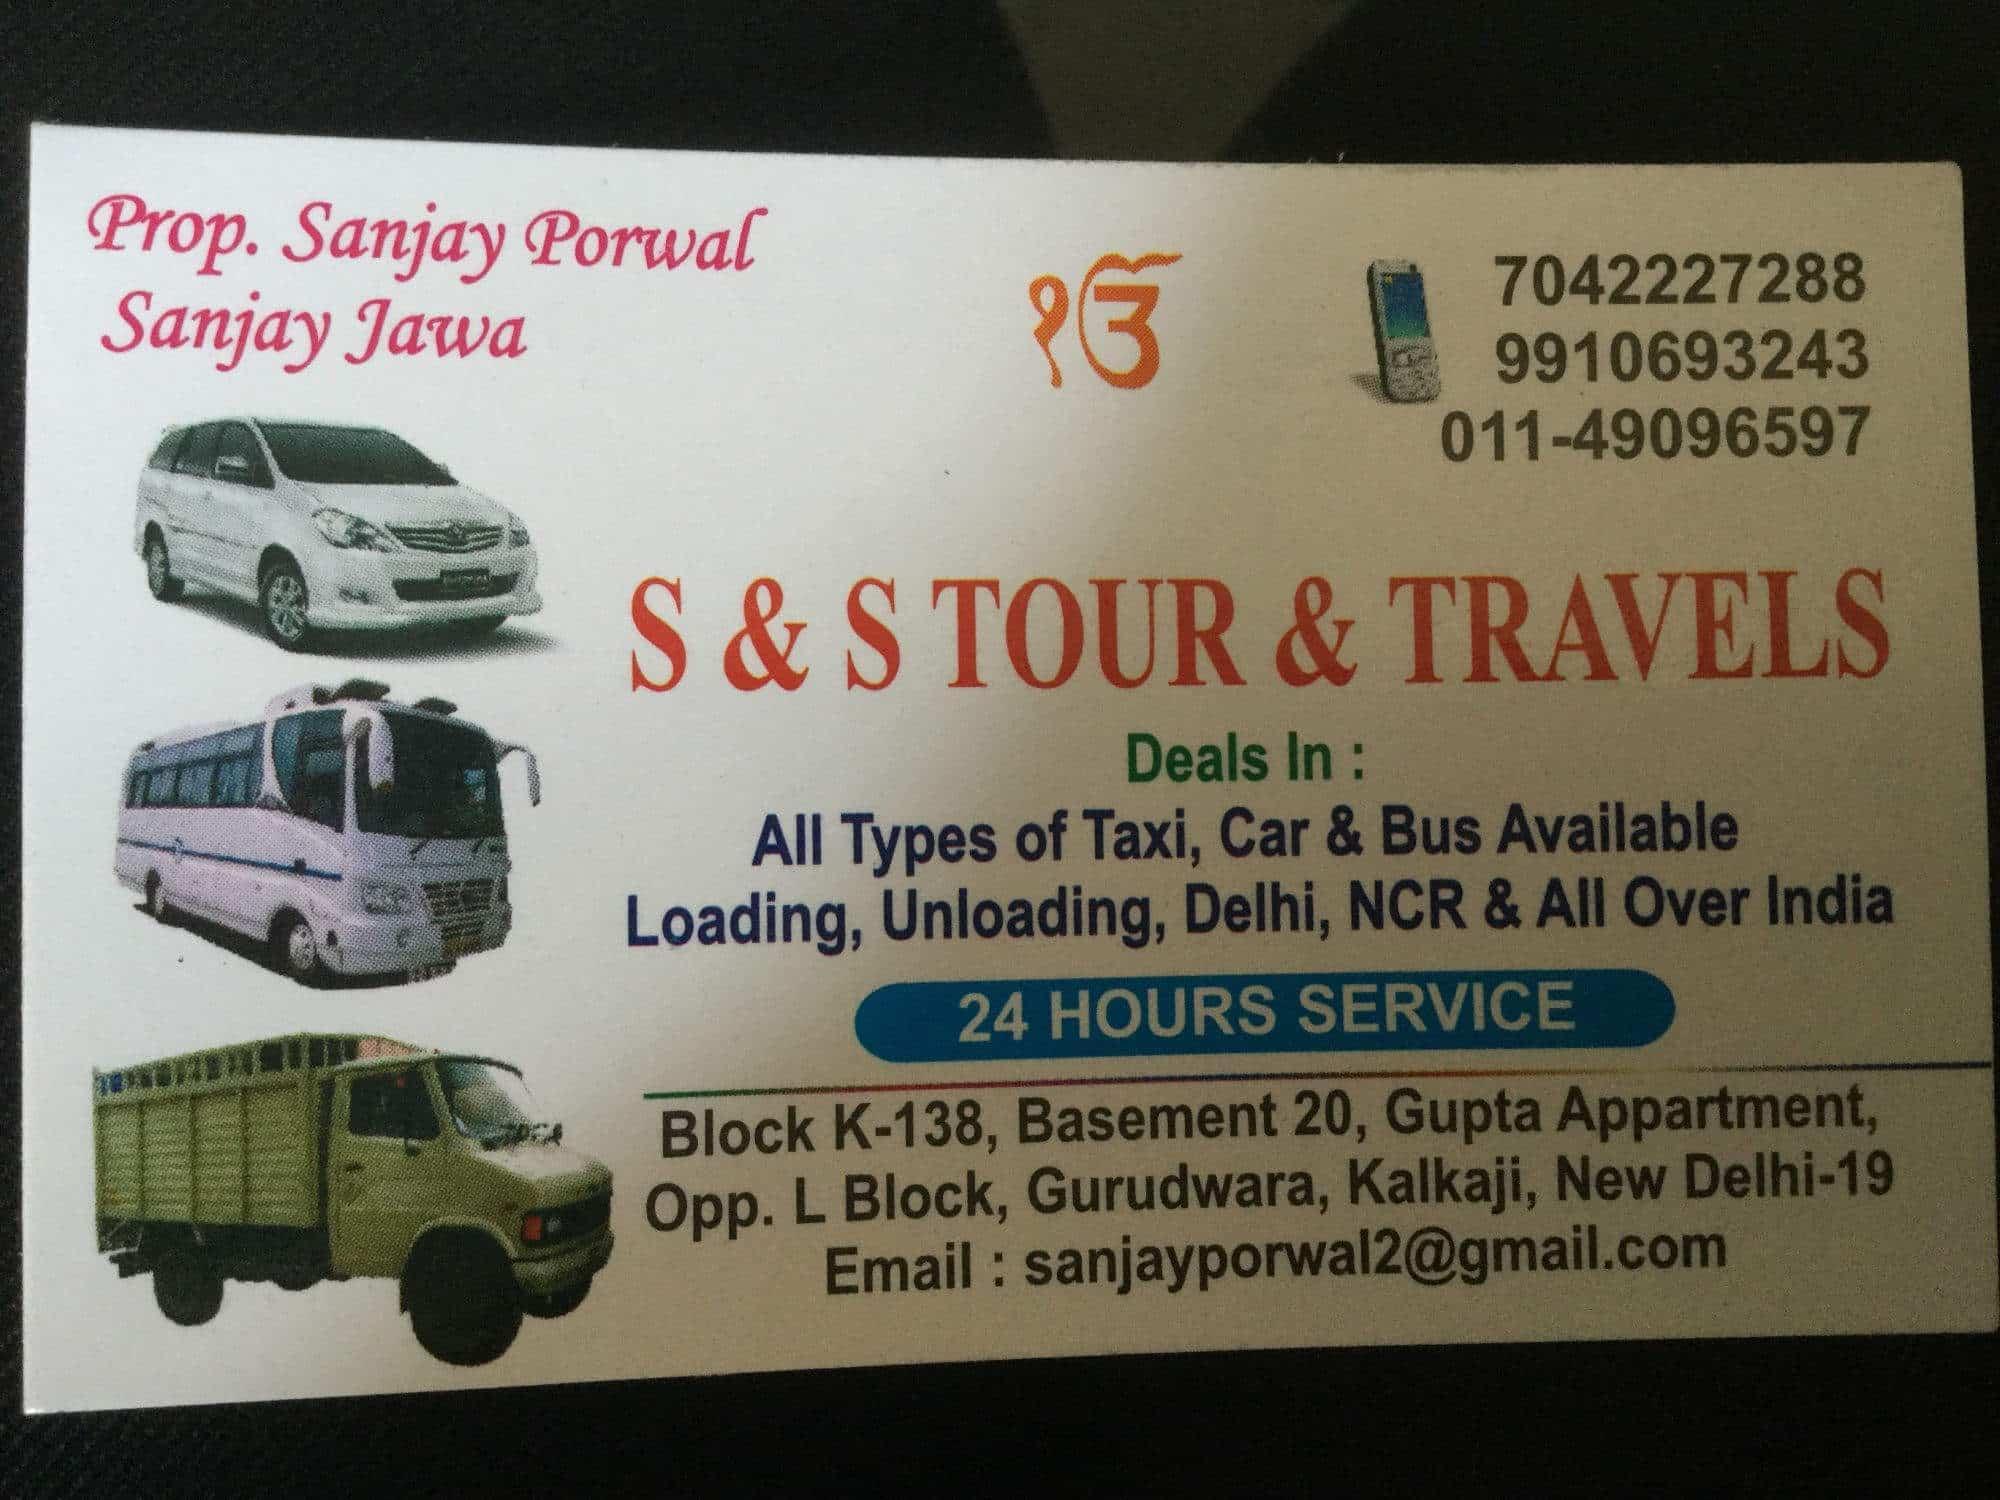 S & S Tour & Travels Kalkaji Travel Agents in Delhi Justdial